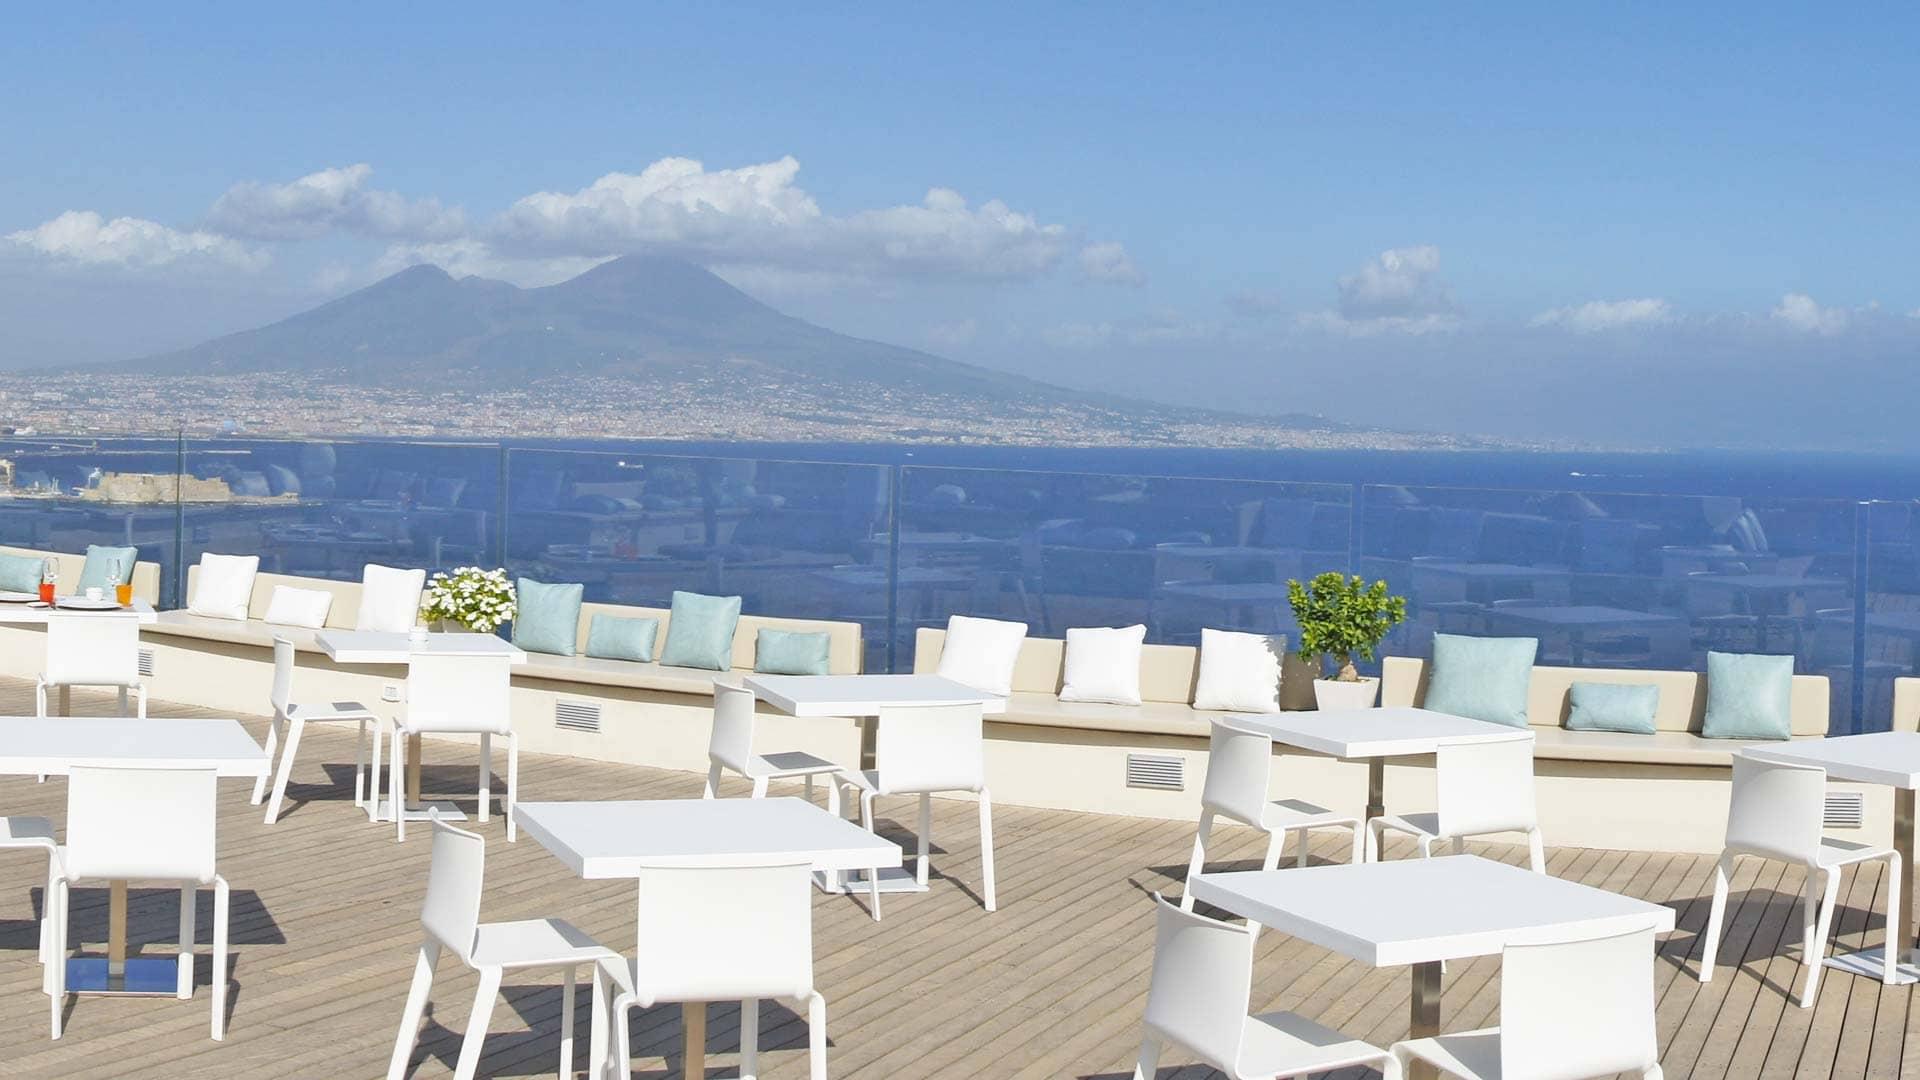 Le migliori ville per Matrimonio a Napoli  NapolinLove  Napoli e le sue ricchezze